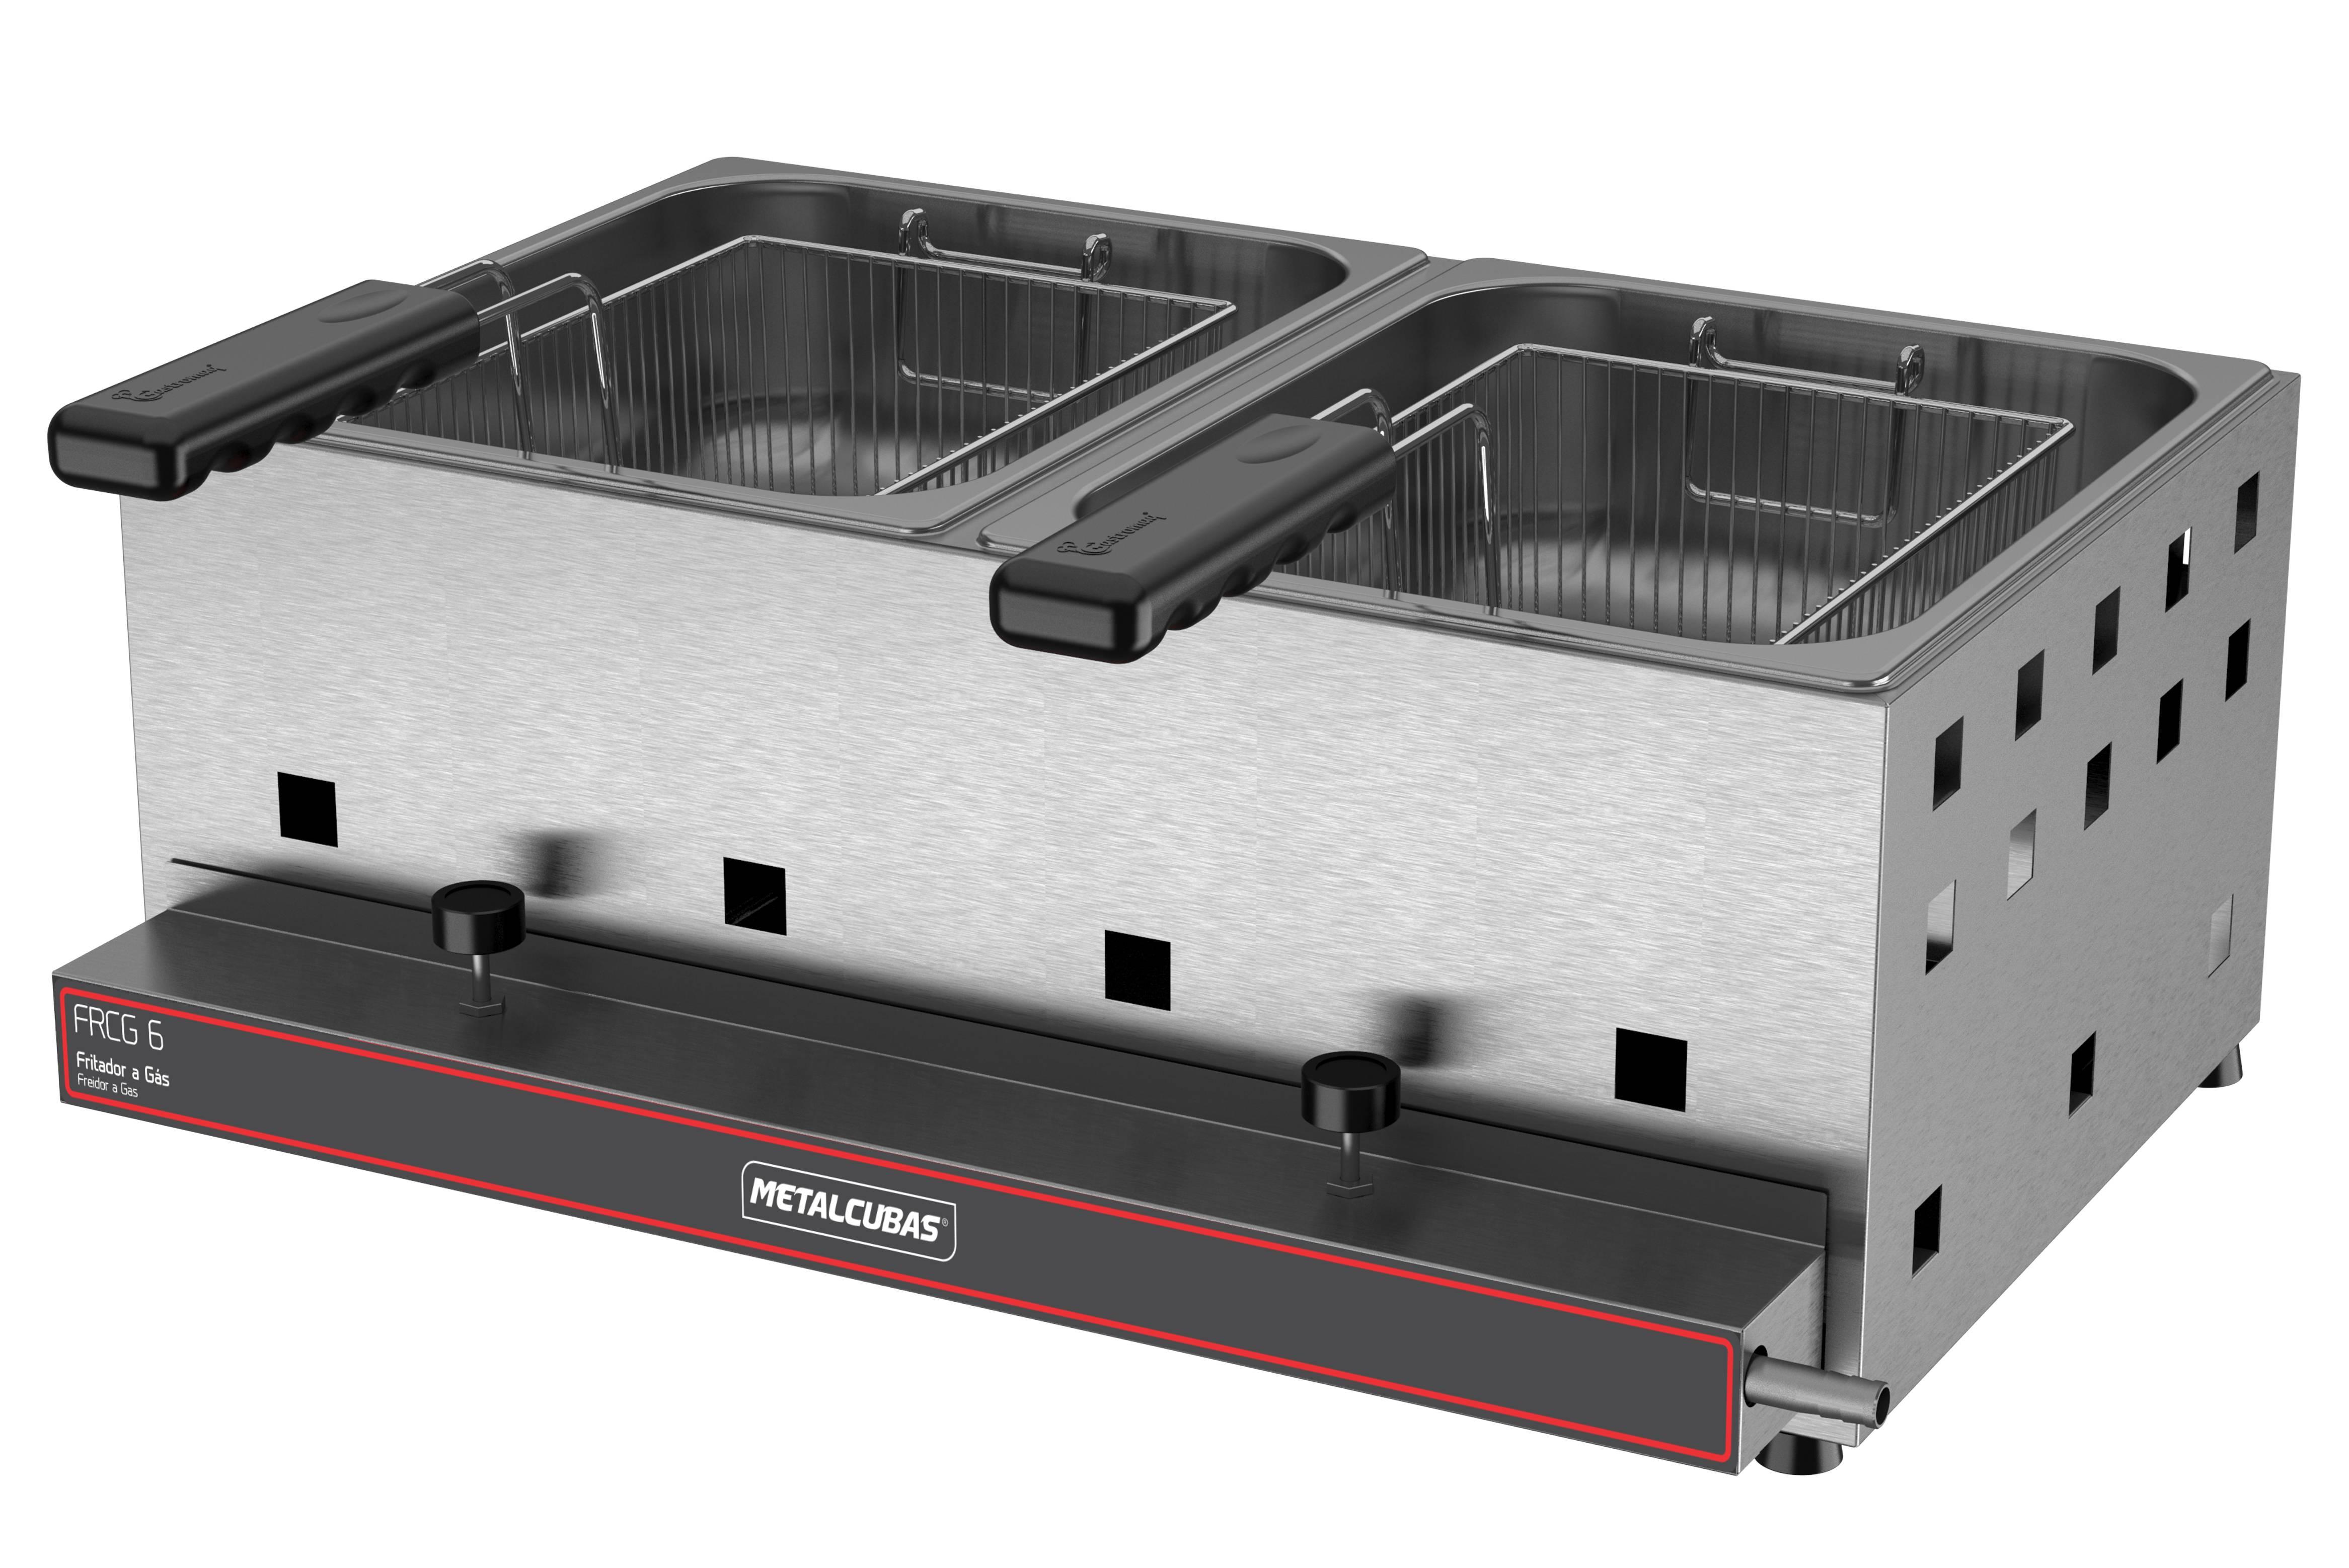 Fritadeira a gás alta pressão 02 cubas 06 litros óleo FRCG 6 Metalcubas